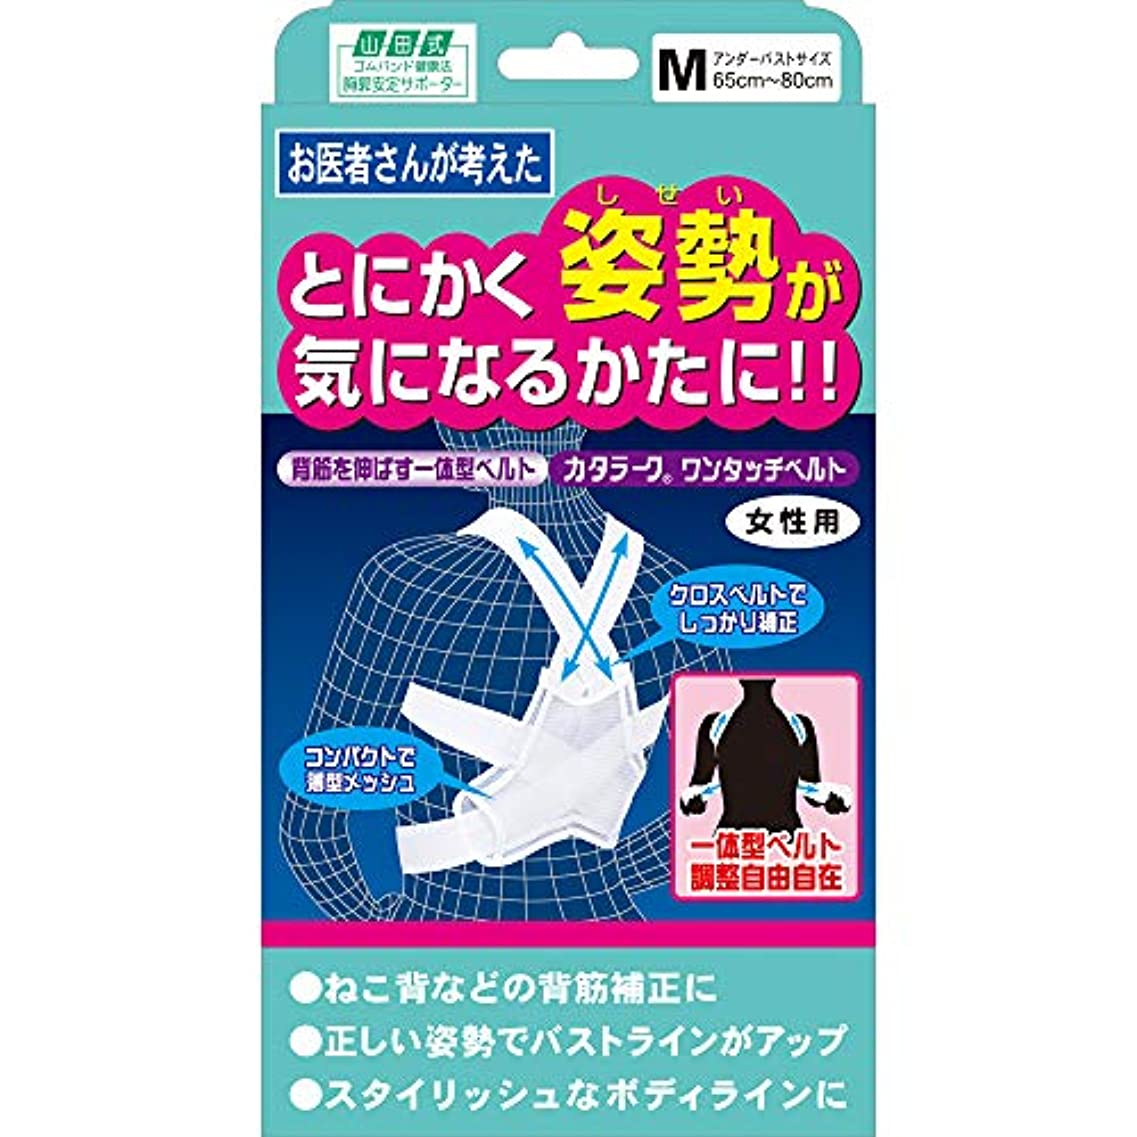 訴える燃料見物人山田式 カタラーク ワンタッチベルト 女性用 肩用 Mサイズ (アンダーバスト65~80cm) 白